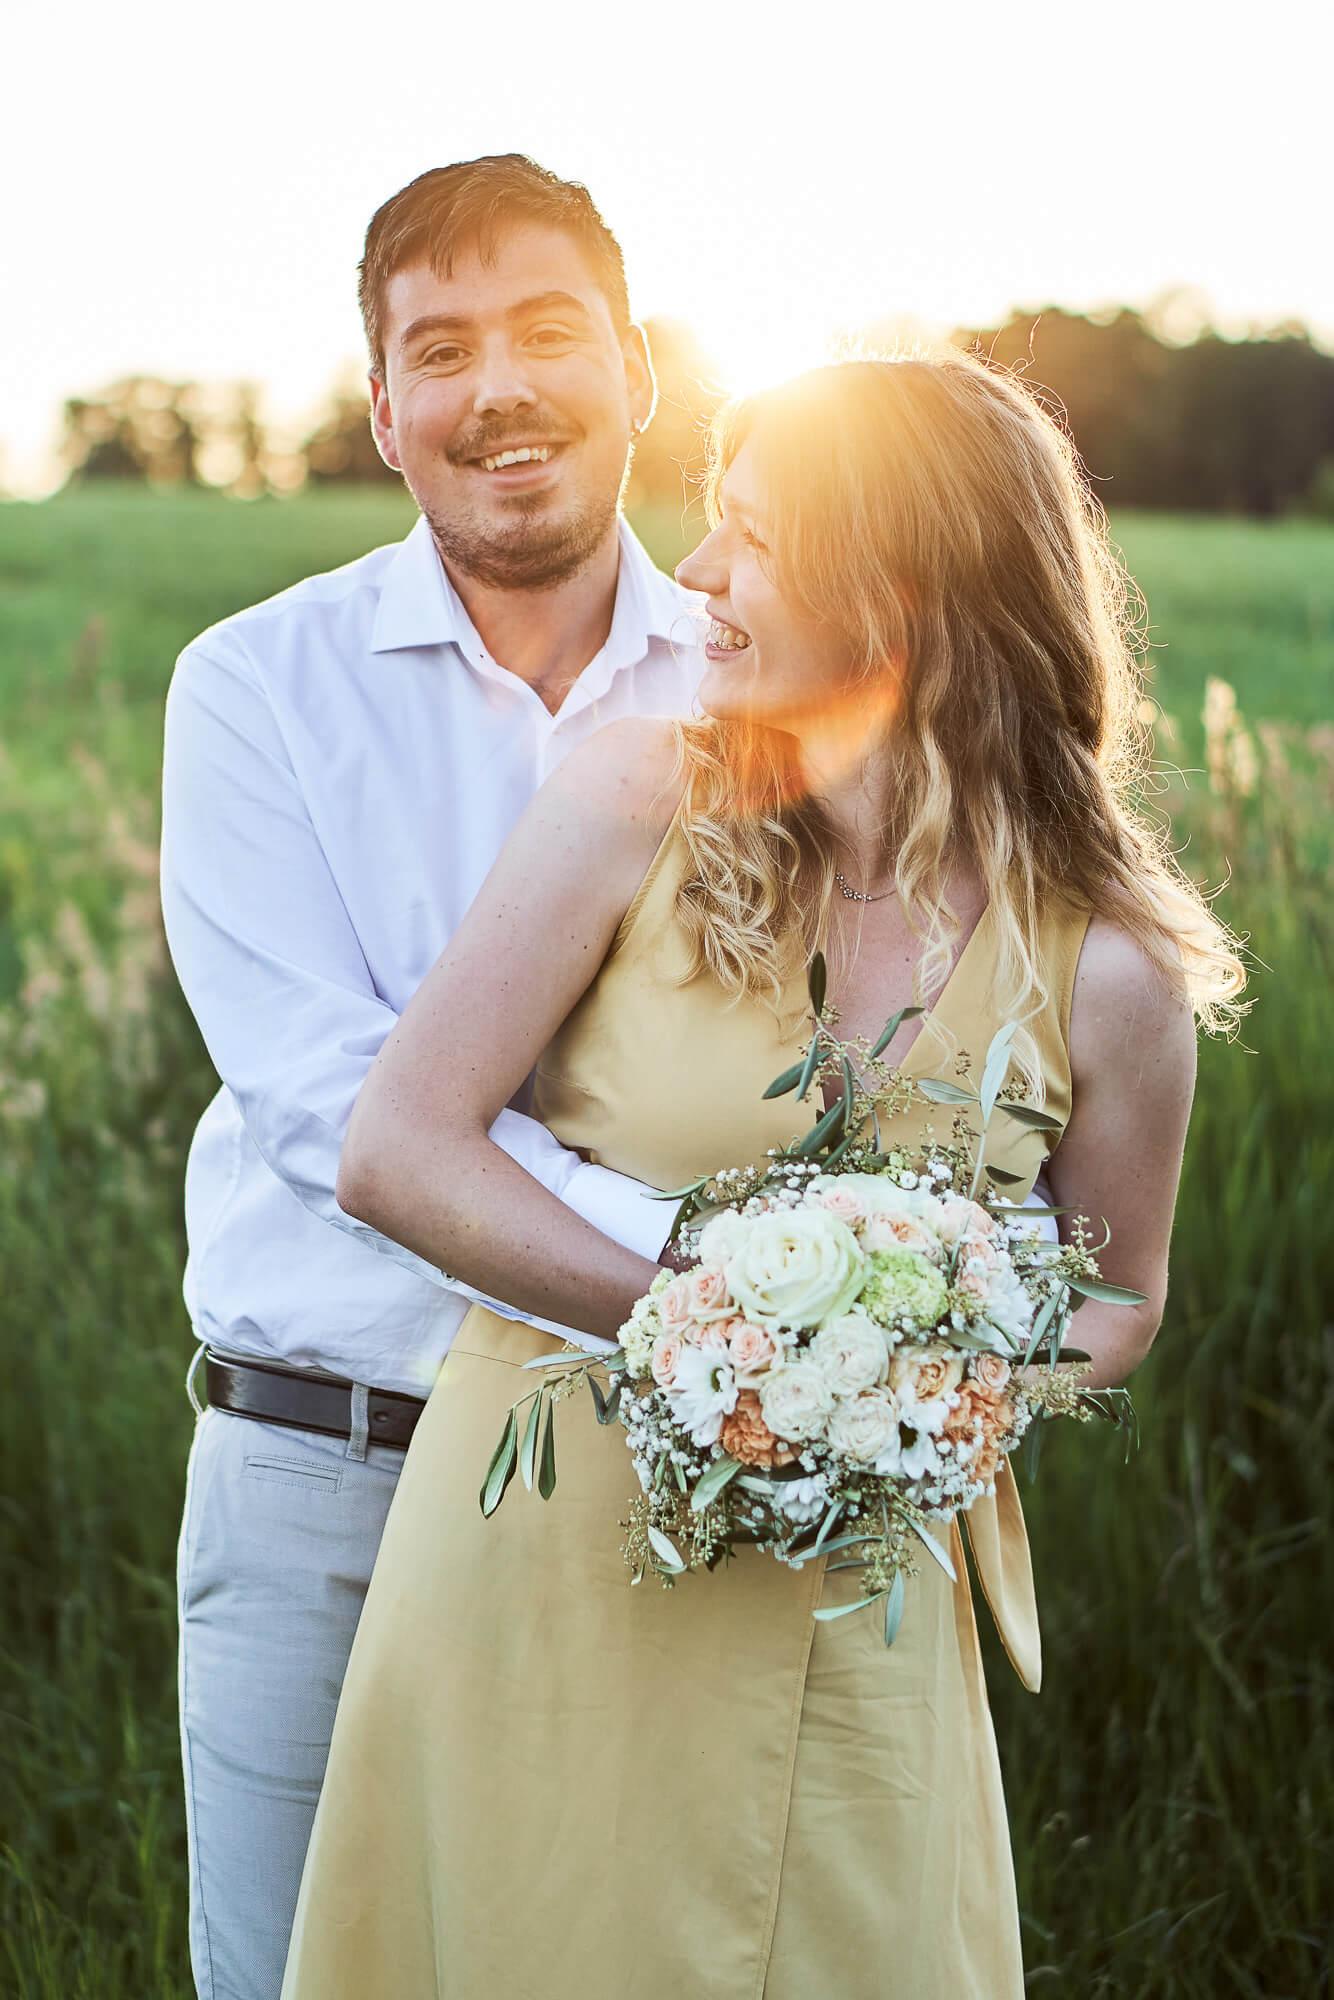 verliebtes, lachendes Paar beim Sonnenuntergang